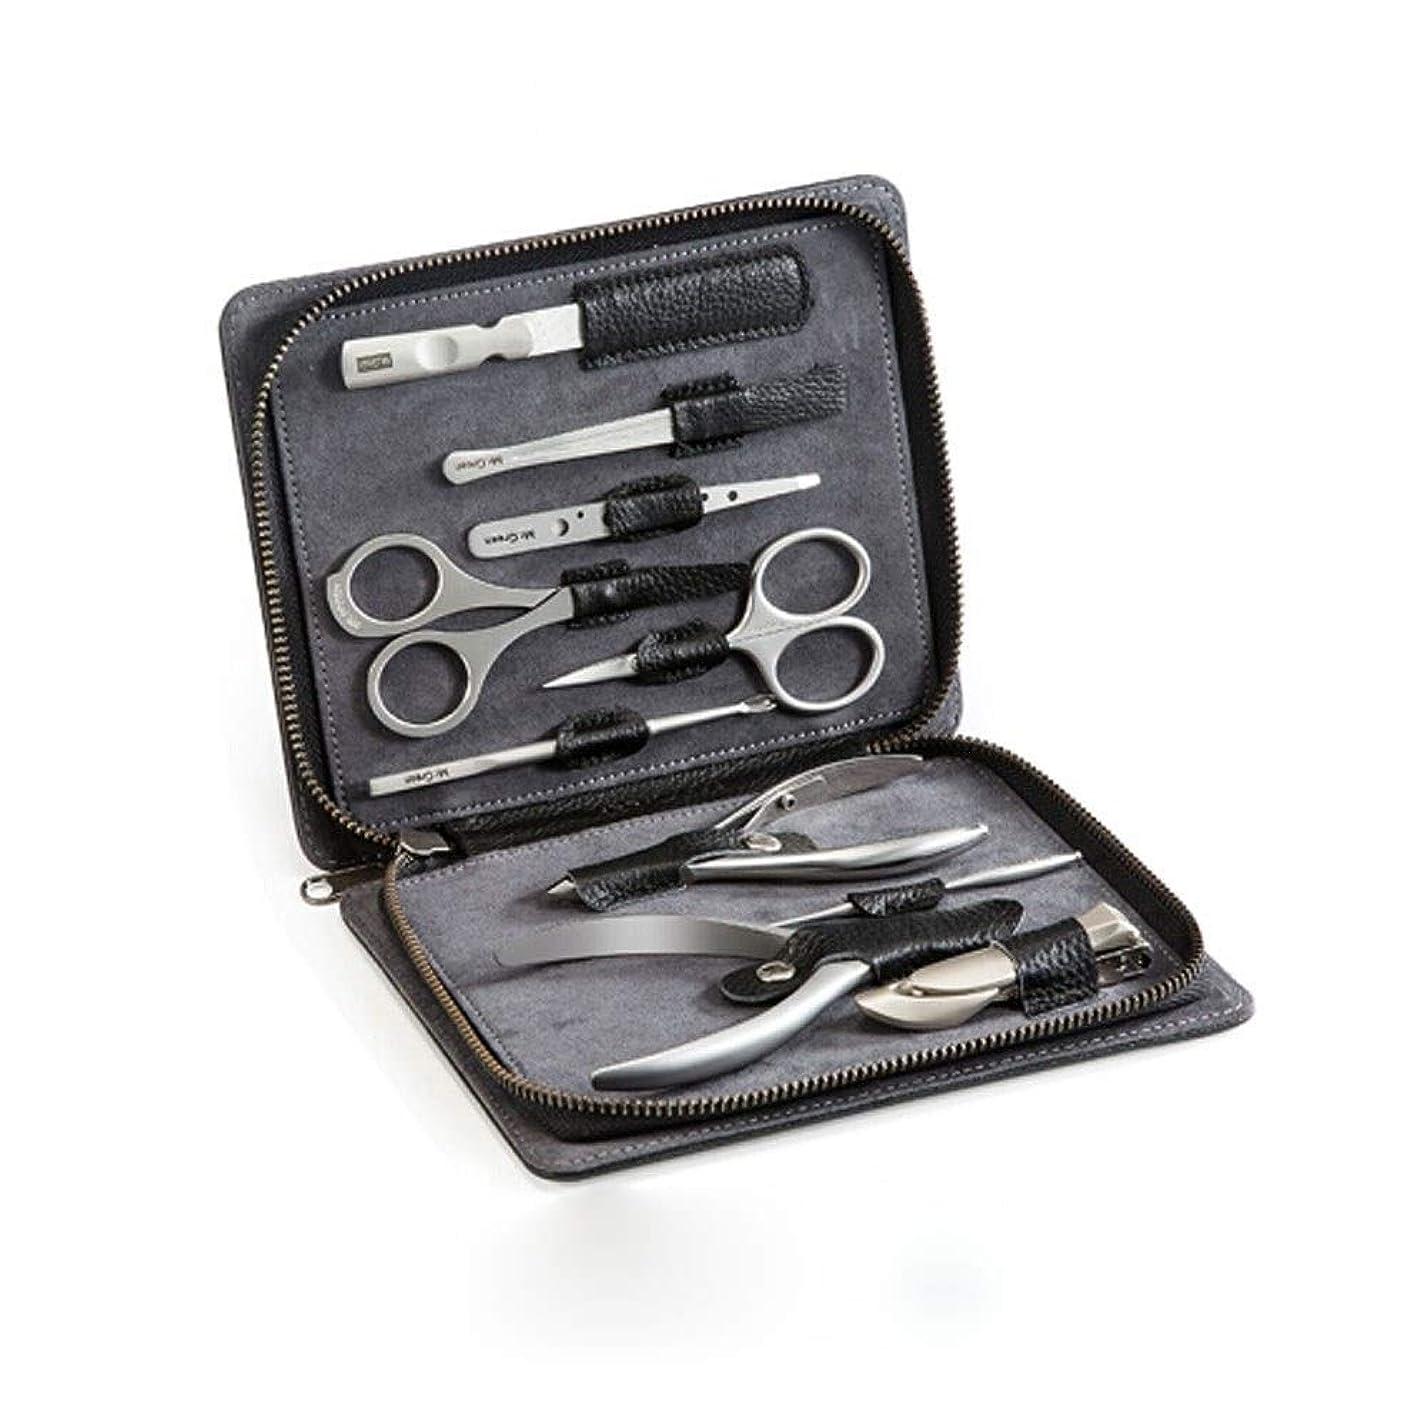 リングバック痛み日付付きTUOFL ステンレス鋼のマニキュア美容キット10セット、牛革包装、安全で衛生的な、スタイリッシュな雰囲気 (Color : Silver)